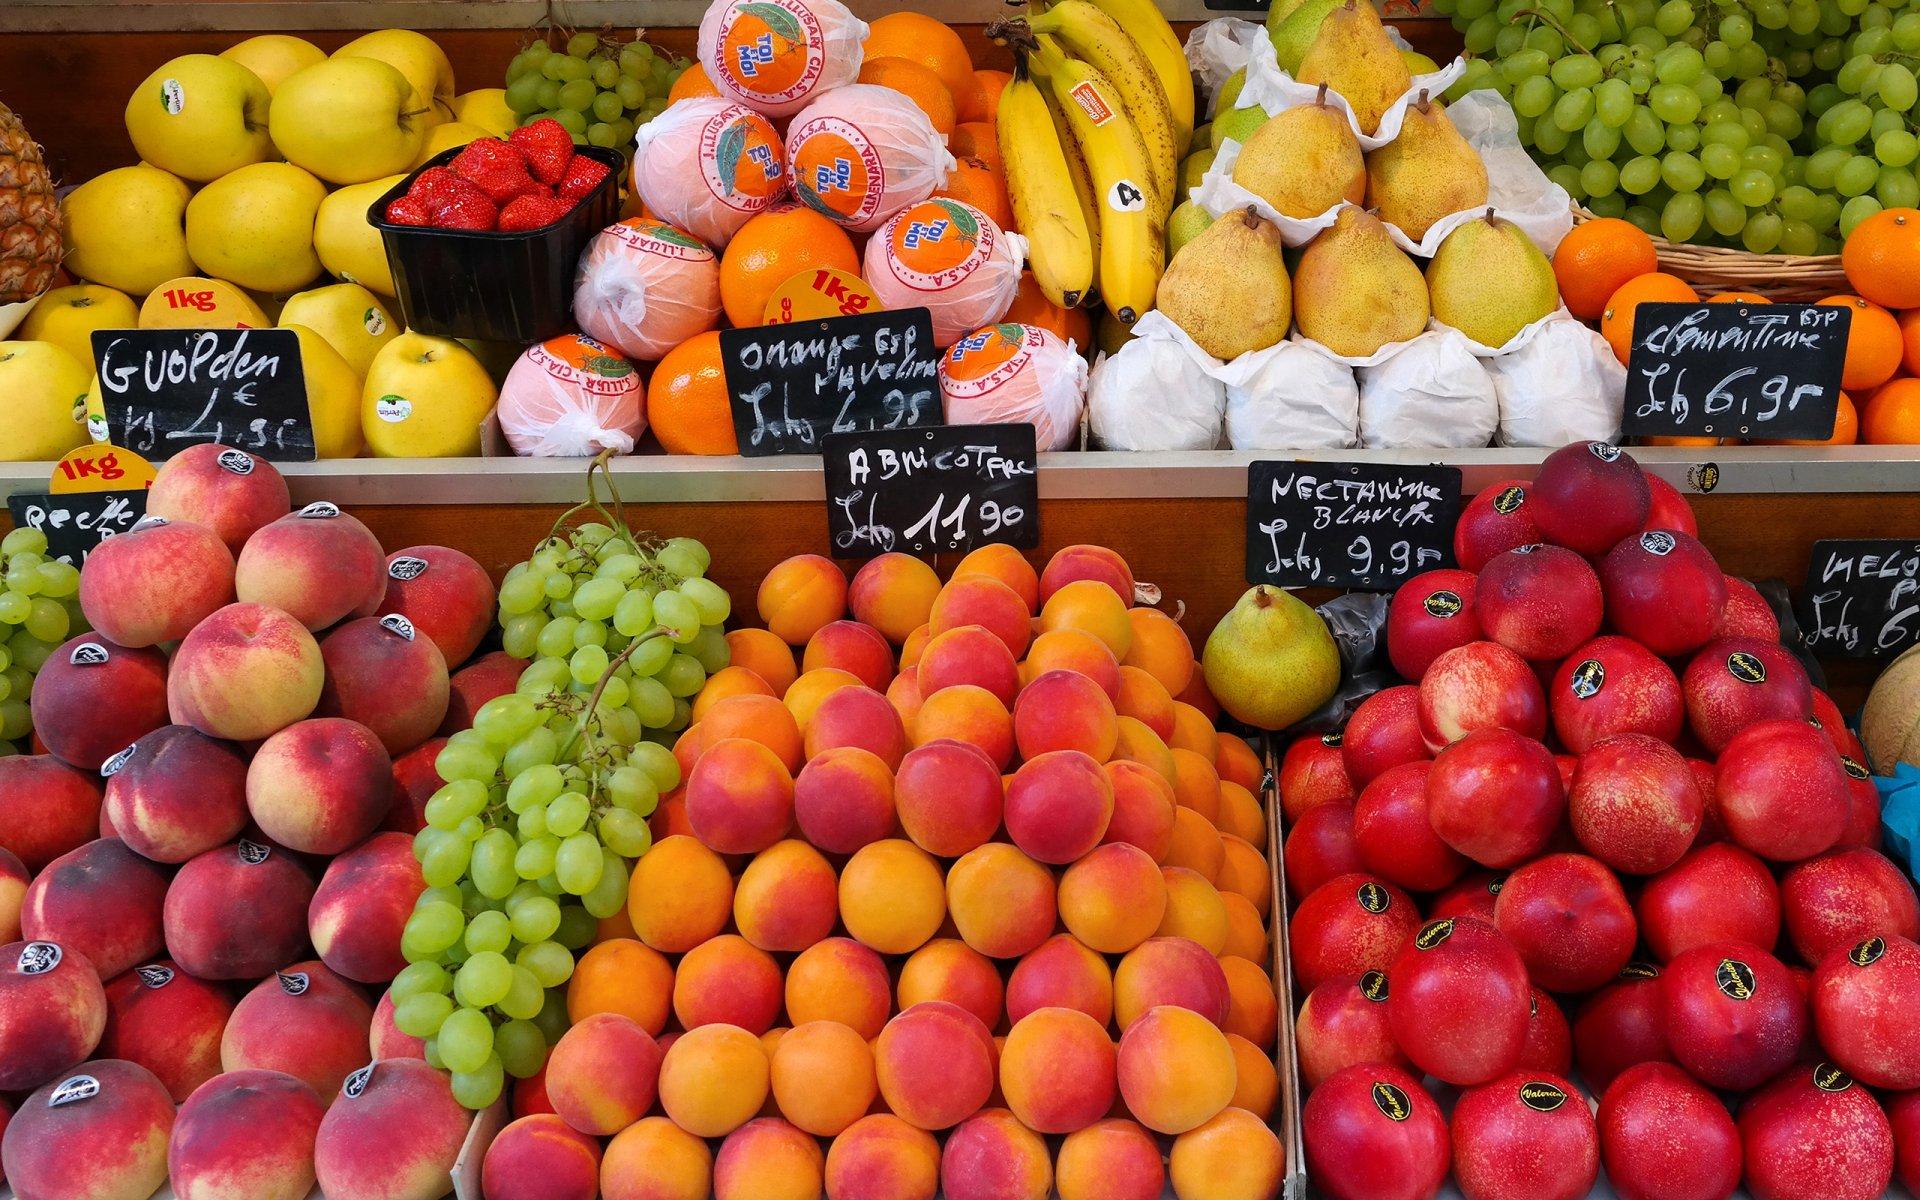 сколько надо денег открыть магазин фруктов и ягод